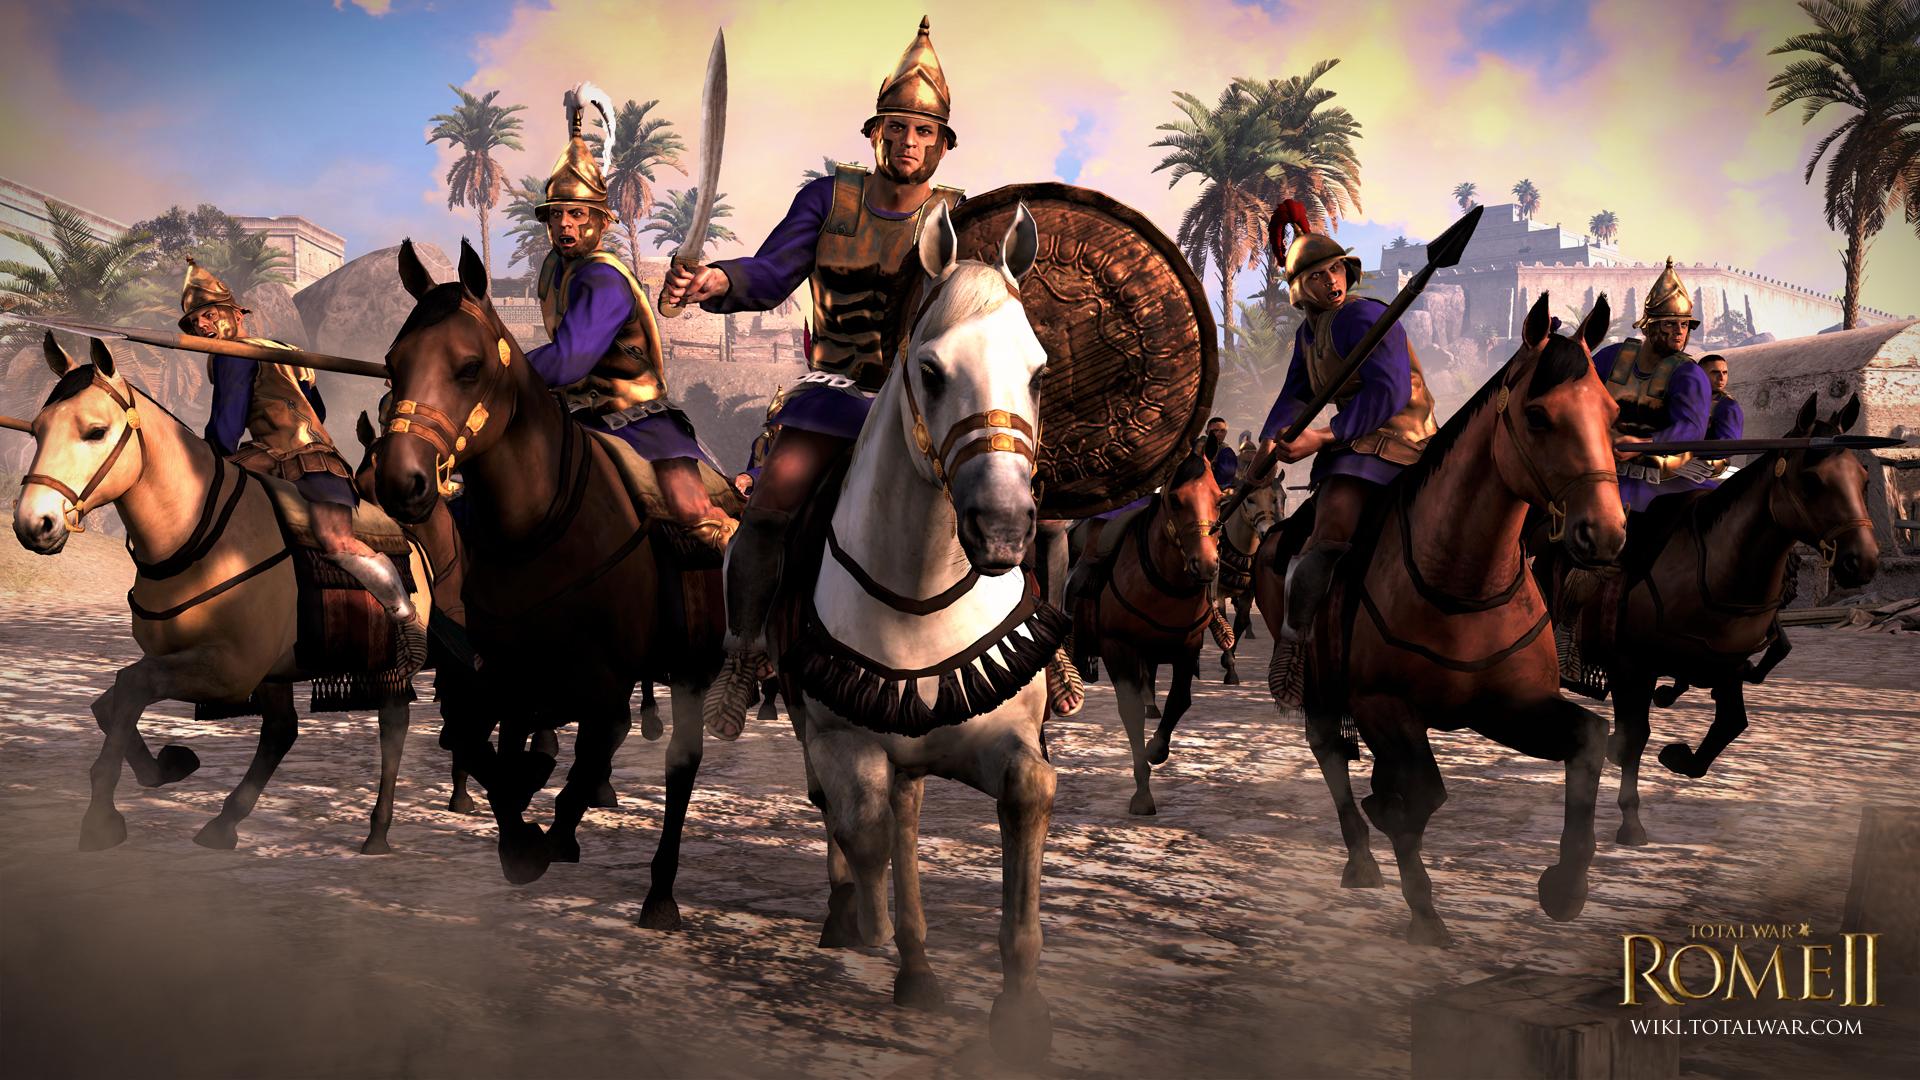 Odhalena devátá hratelná frakce Total War: Rome 2 80473